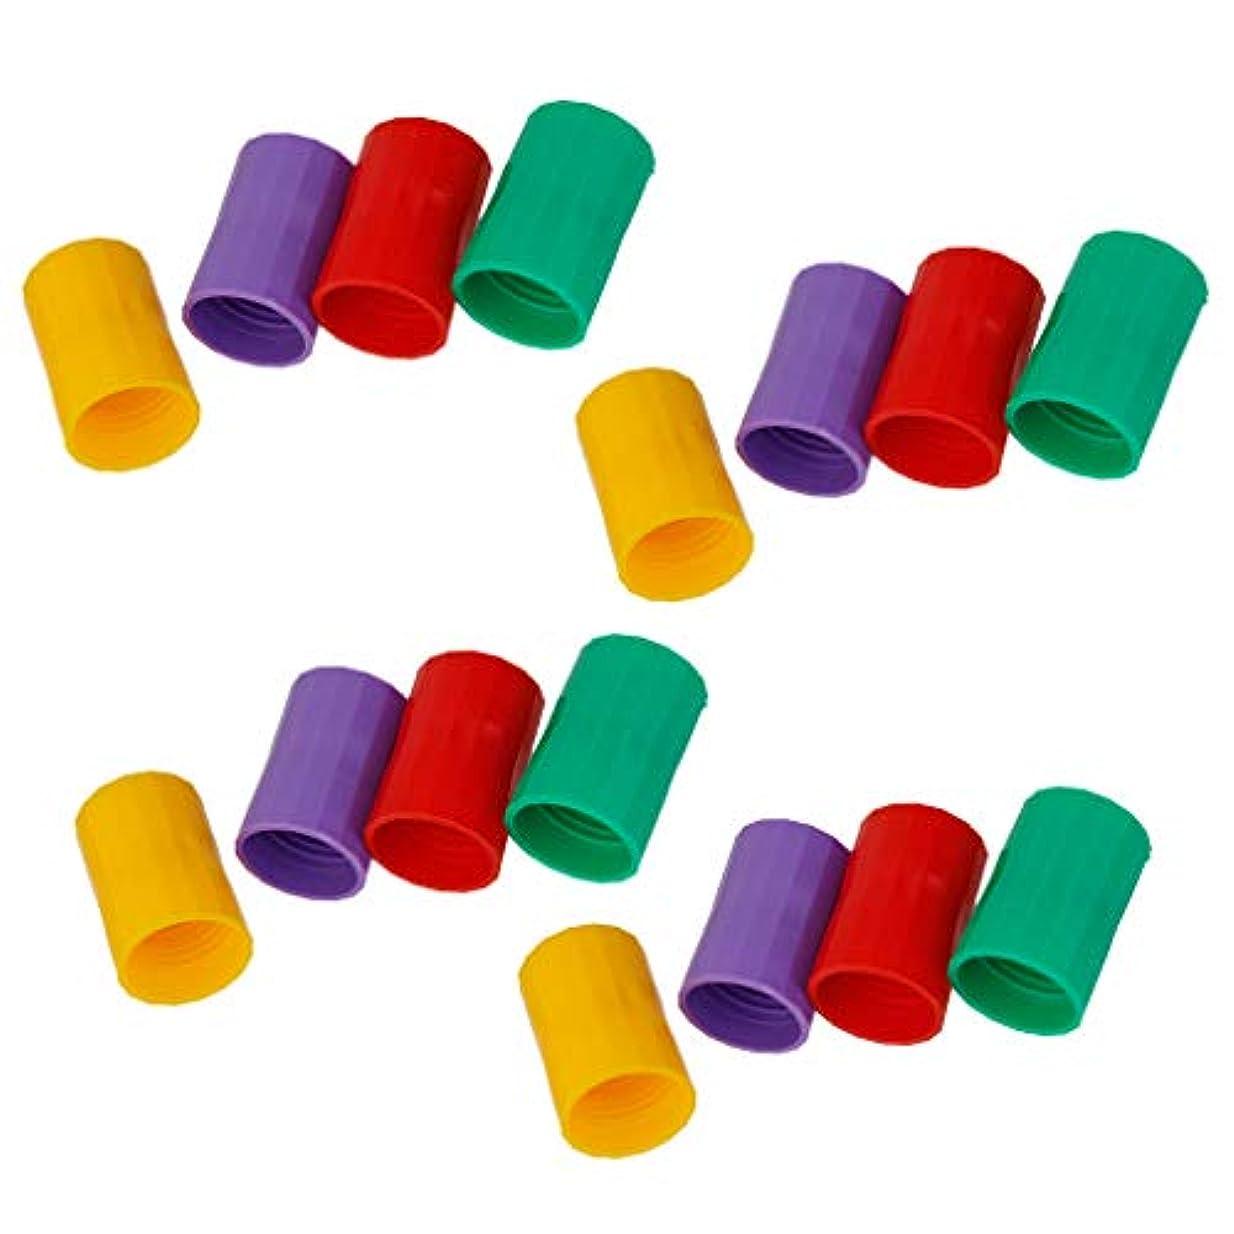 レスリング飢えスプレー竜巻 渦ボトル 水 科学 サイクロン ウォーター サイエンスサイクロンチューブ 知育玩具